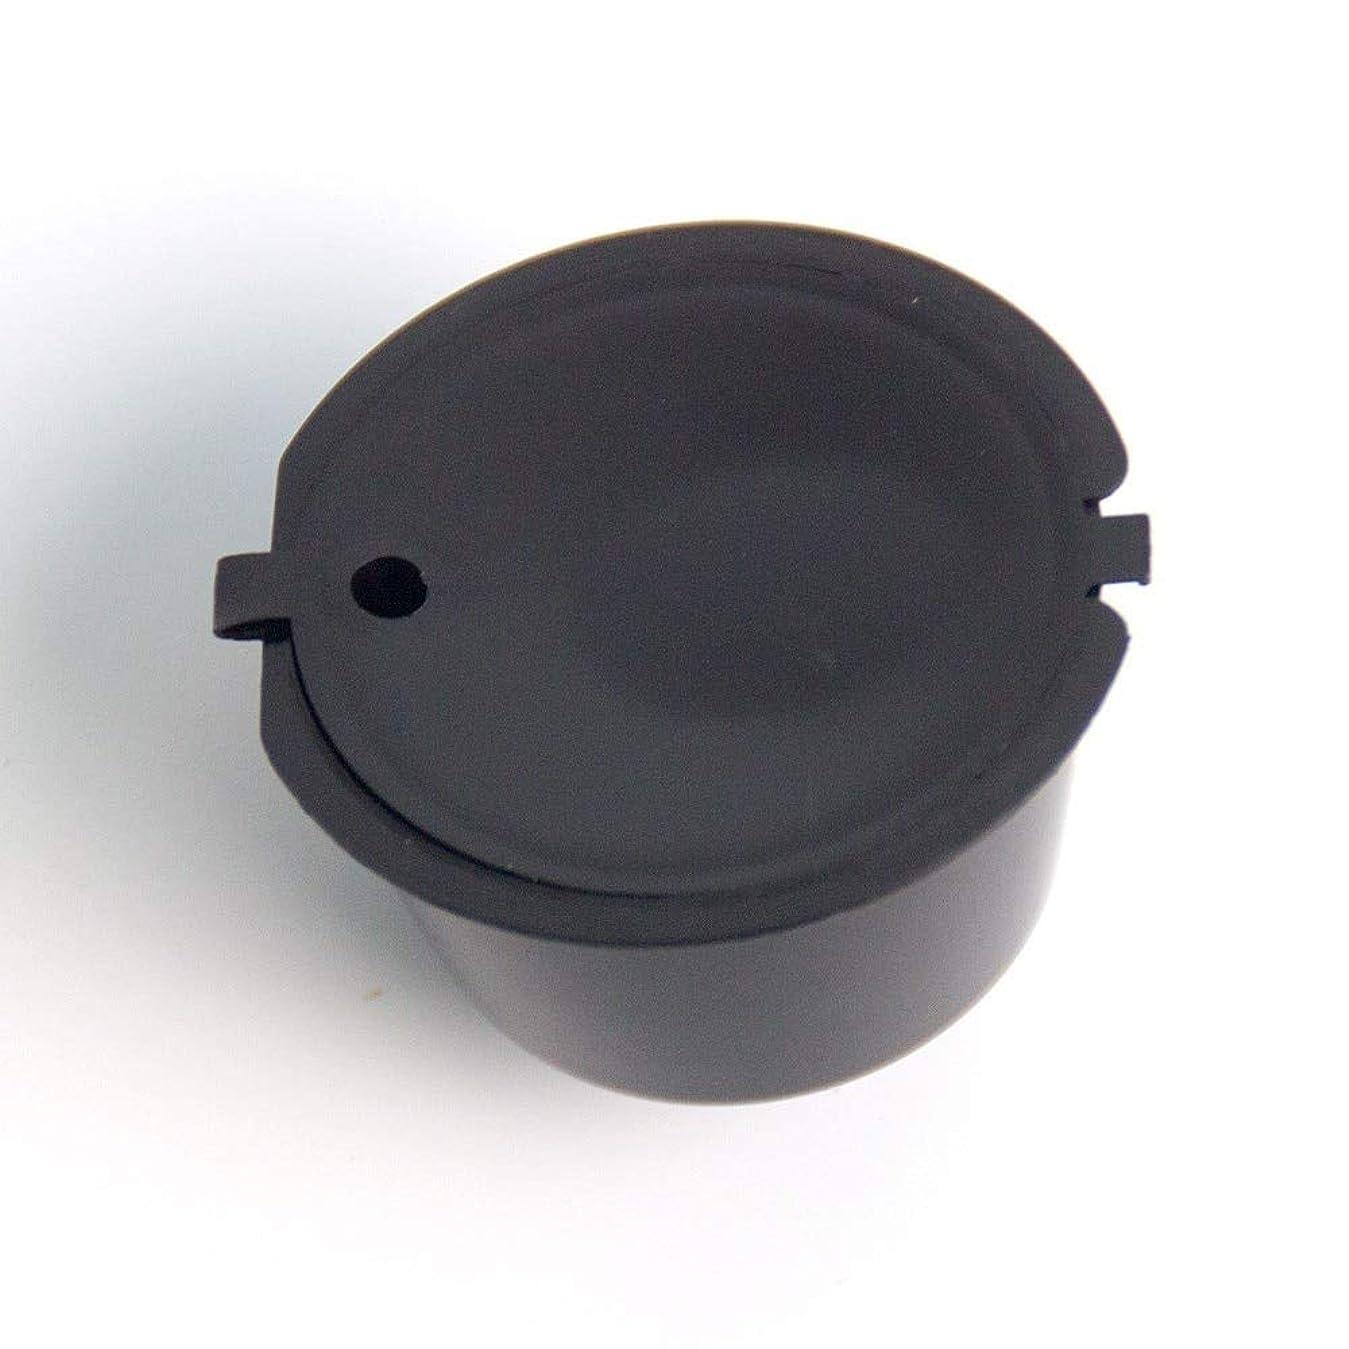 申し立てビタミン重なるMaxcrestas - 1個11色プラスチック詰め替えコーヒーカプセルカップ200タイムズネスカフェドルチェグストフィルターバスケットのカプセルのための再利用可能な互換性